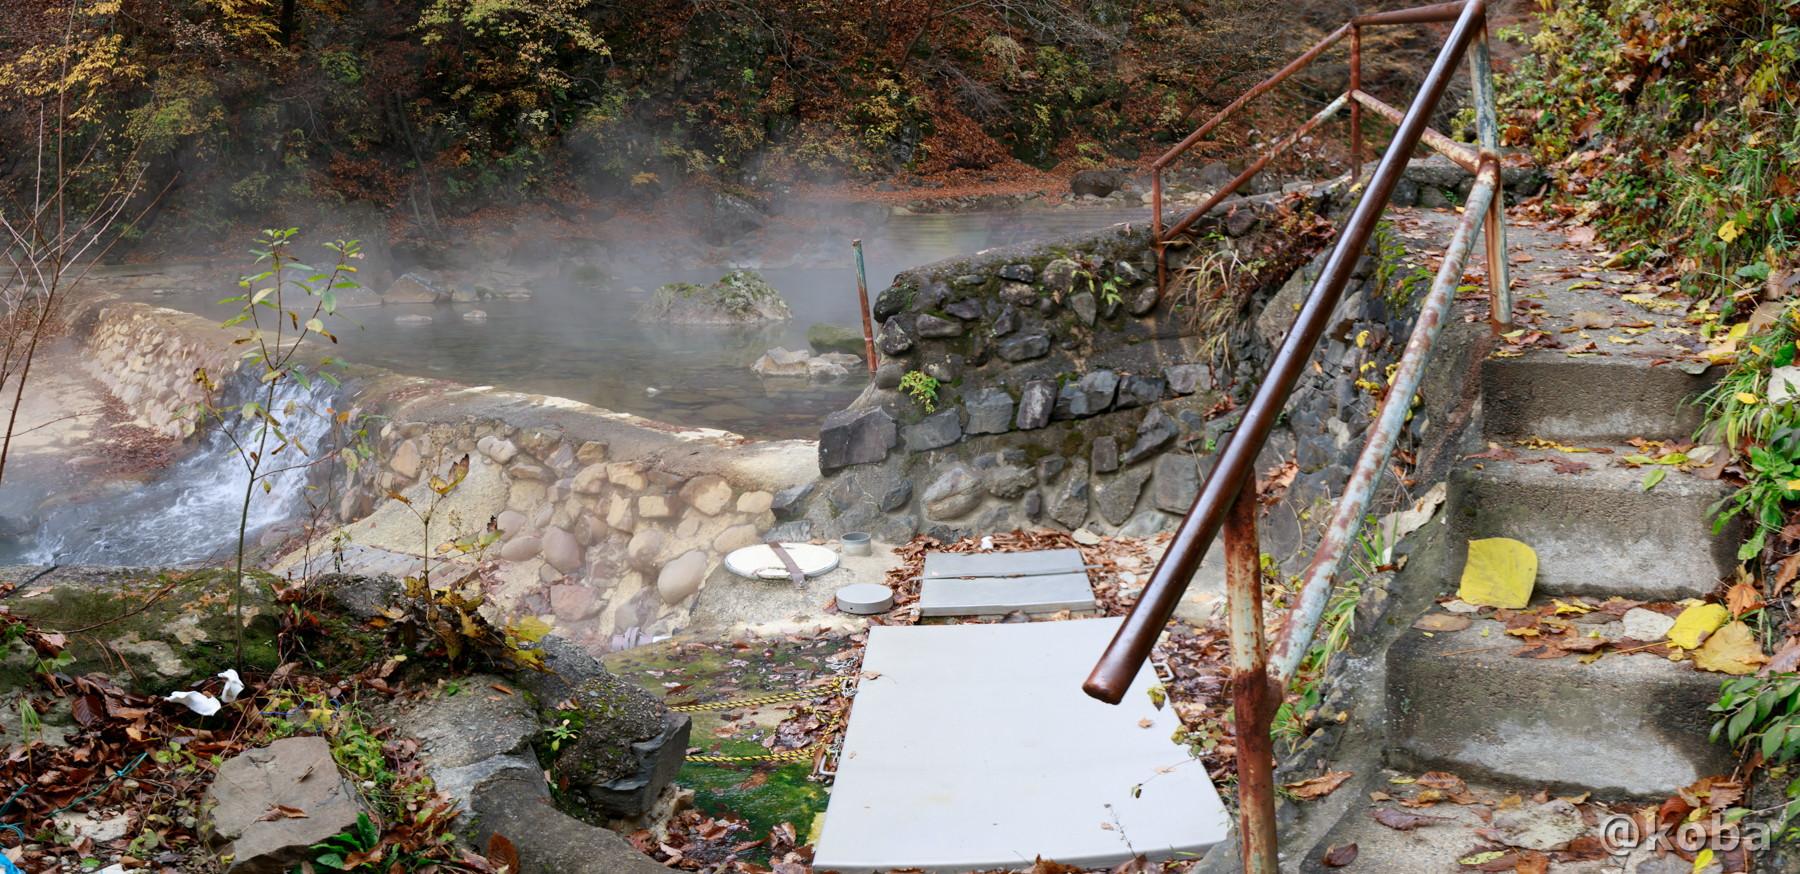 川の温泉の通路と階段の写真│尻焼温泉(しりやきおんせん)川の湯 日帰り入浴│群馬県 ブログ